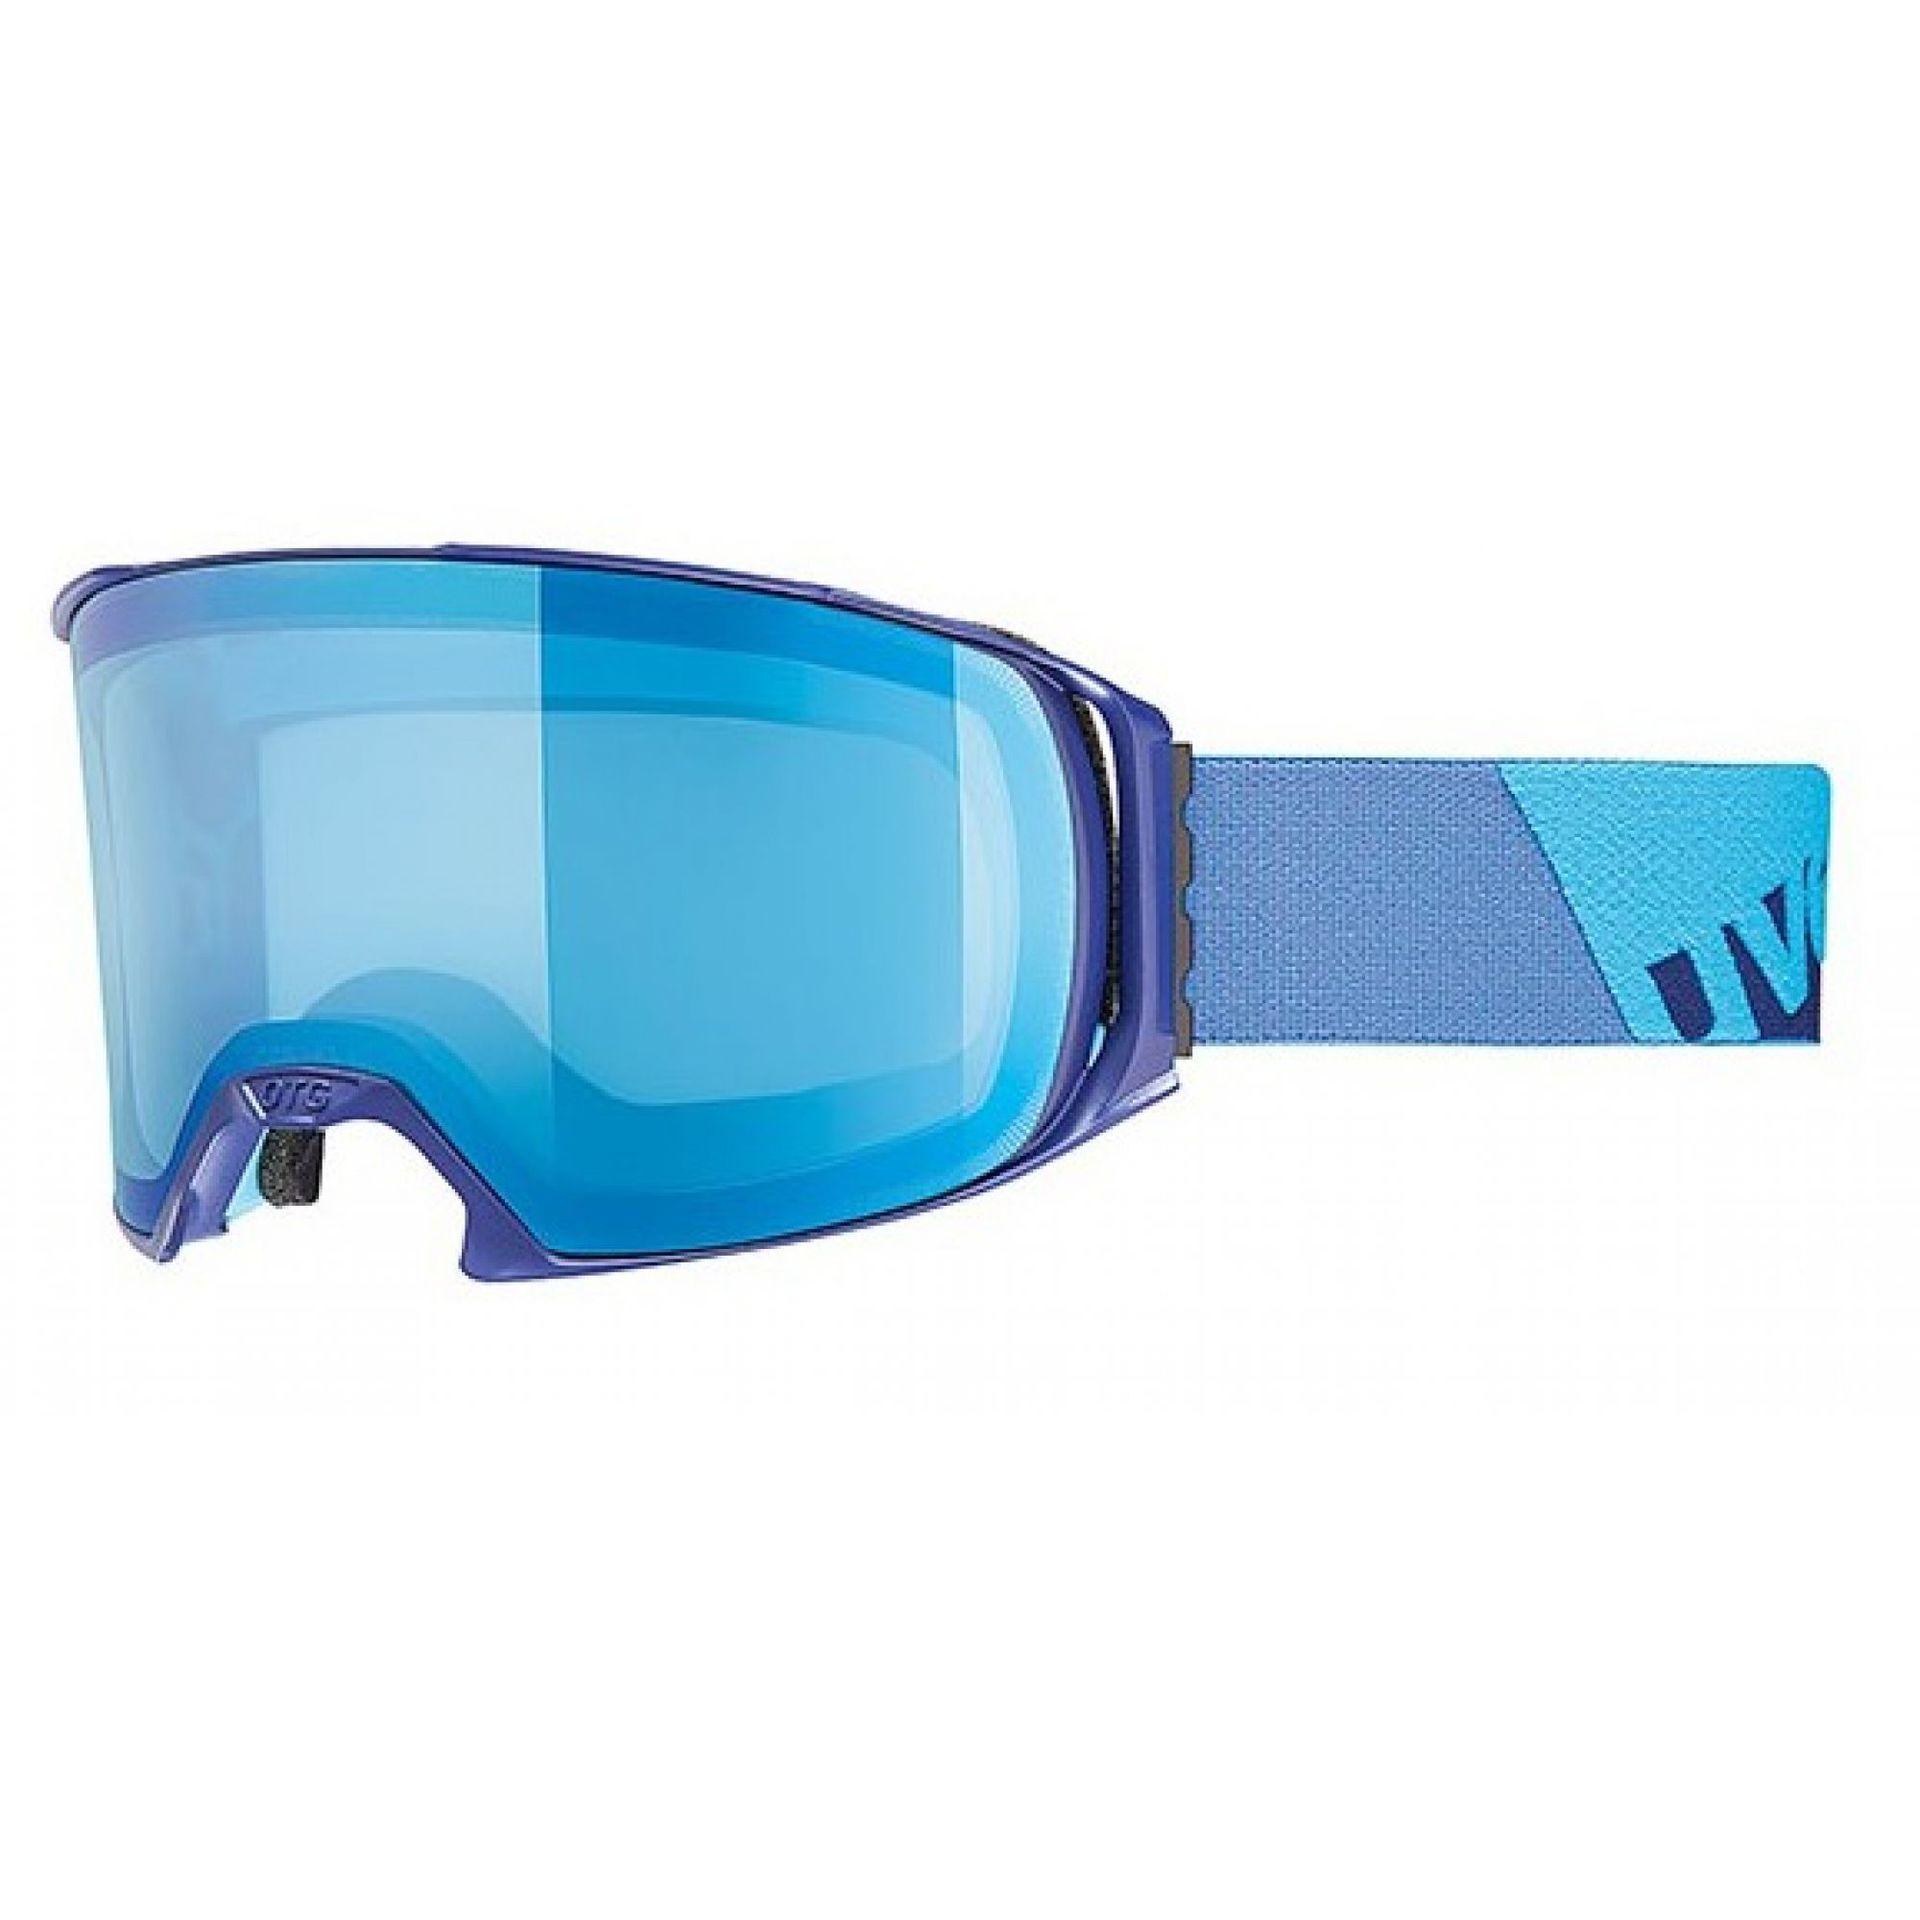 GOGLE UVEX CRAXX OTG LTM 2016 INDIGO MAT LITEMIRROR BLUE (S1)